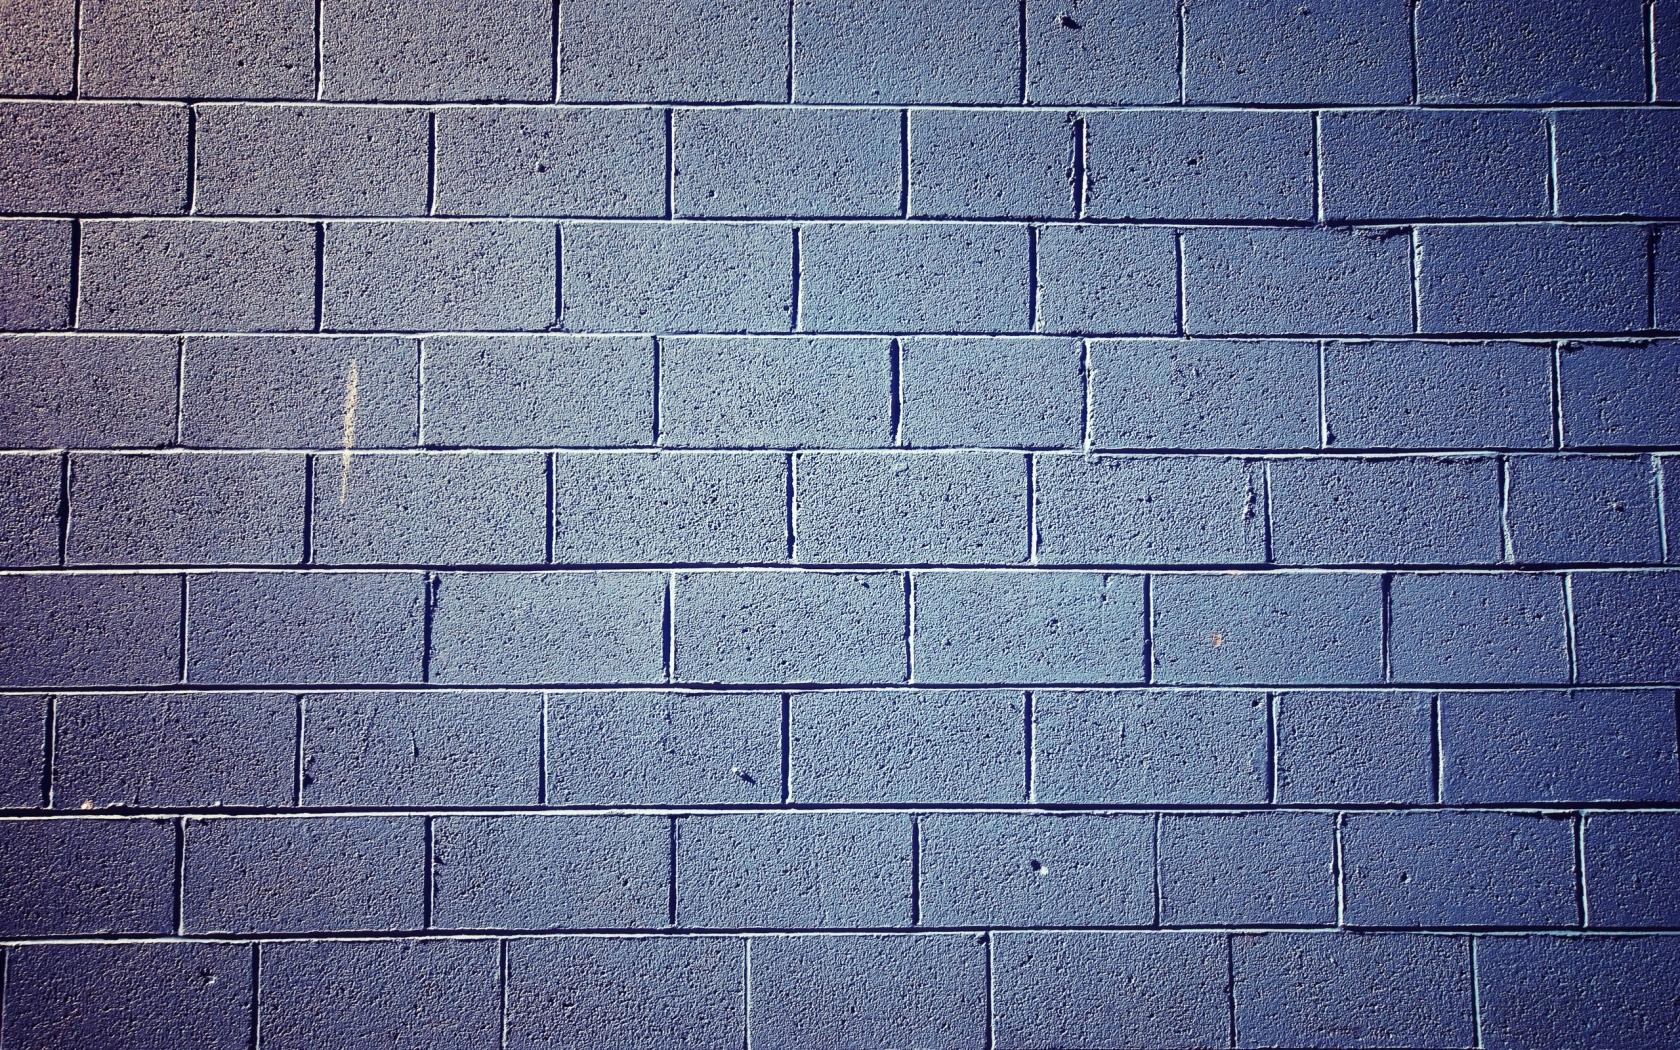 Textura de bloques de cemento - 1680x1050